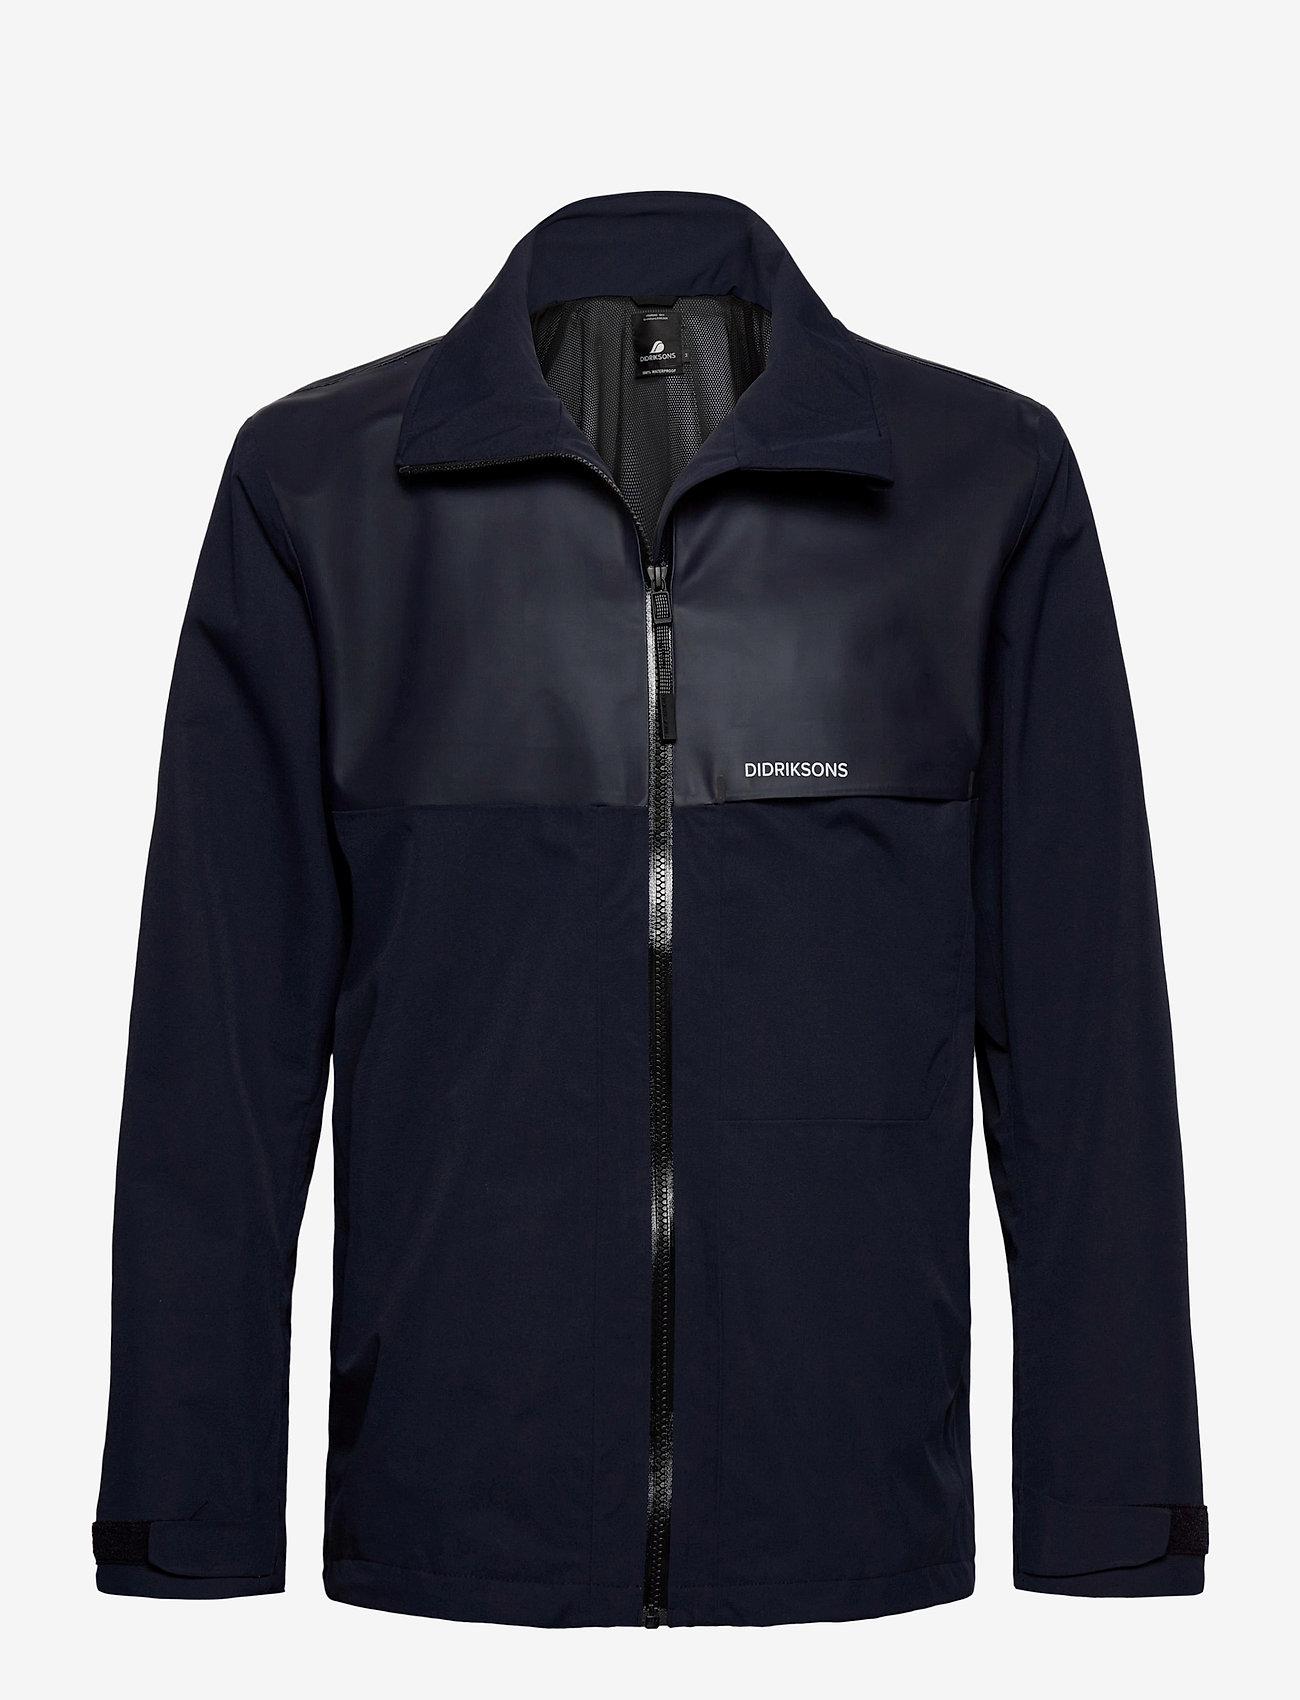 Didriksons - OLIVER USX JKT - manteaux de pluie - dark night blue - 0